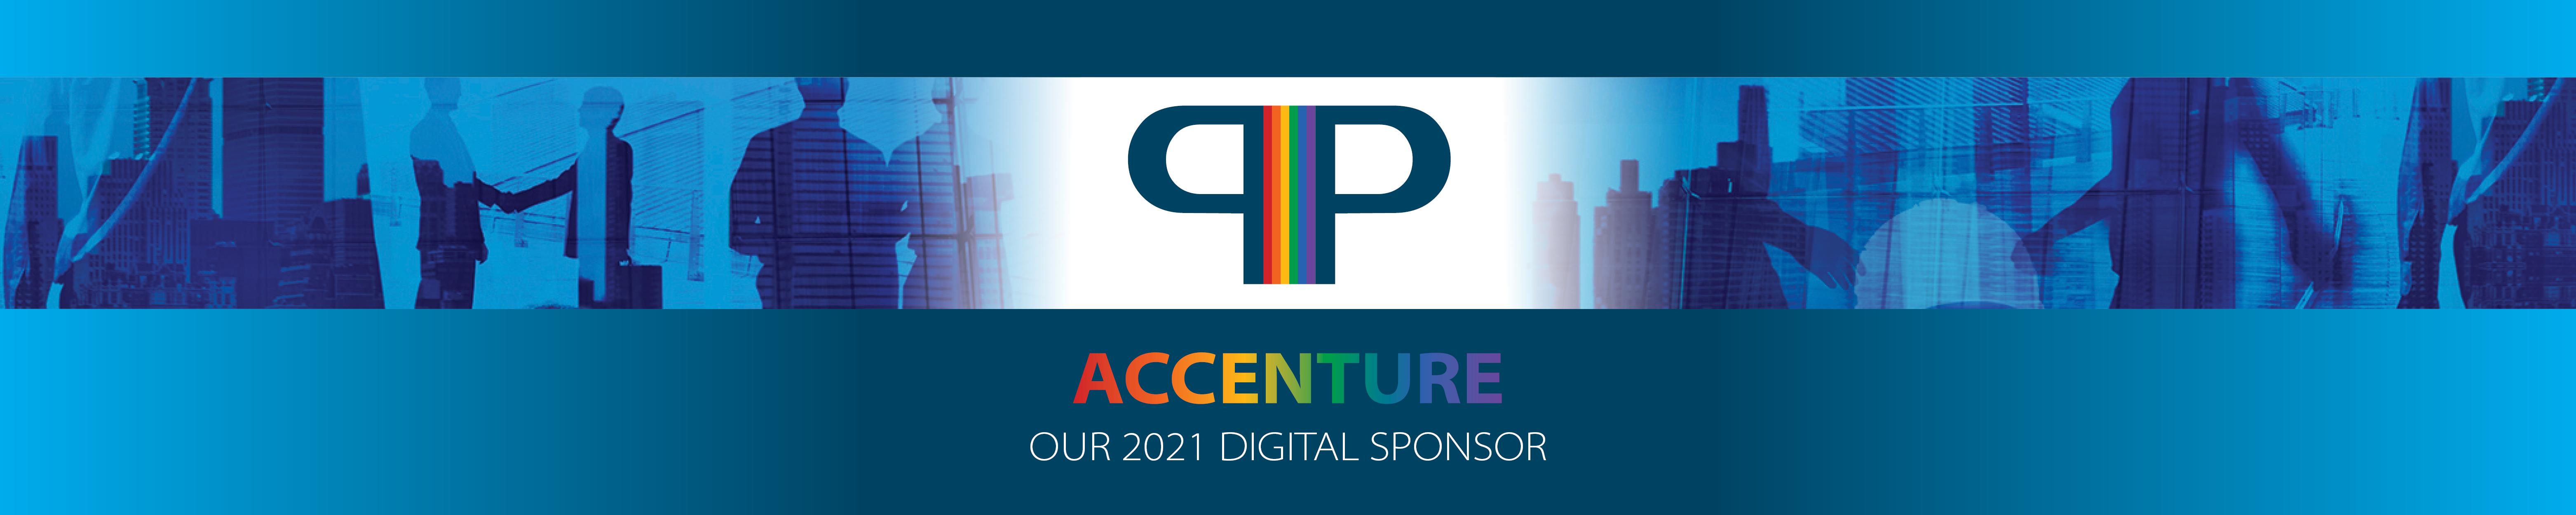 PIP_Sponsor_Accenture-1